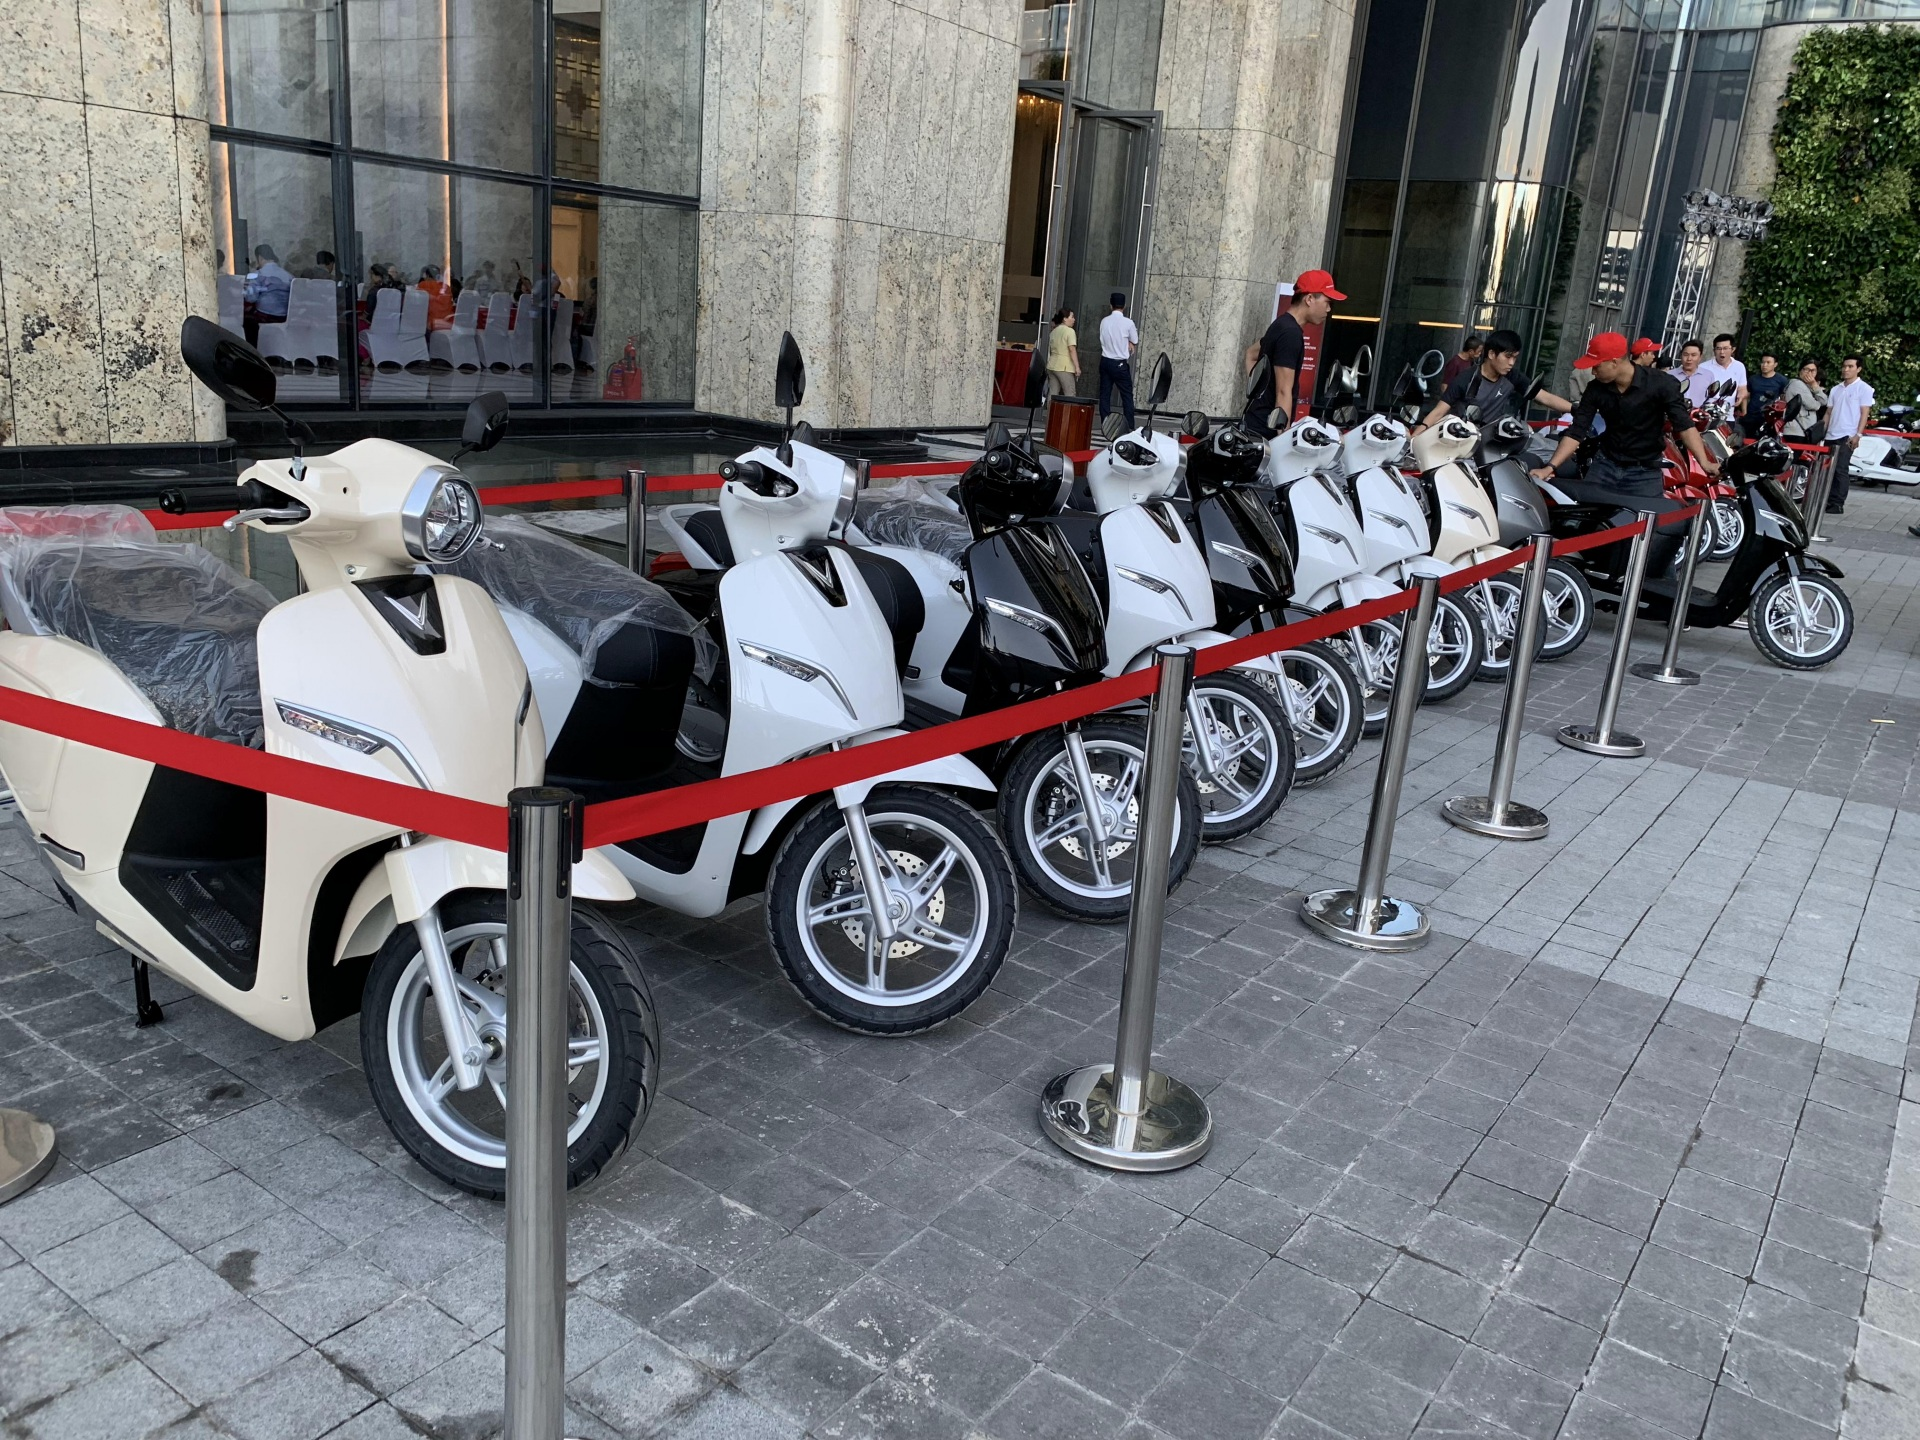 Rất nhiều mẫu xe điện được trưng bày tại cửa hàng của hệ thống Xe Bảo Nam cho quý khách tham khảo lựa chọn